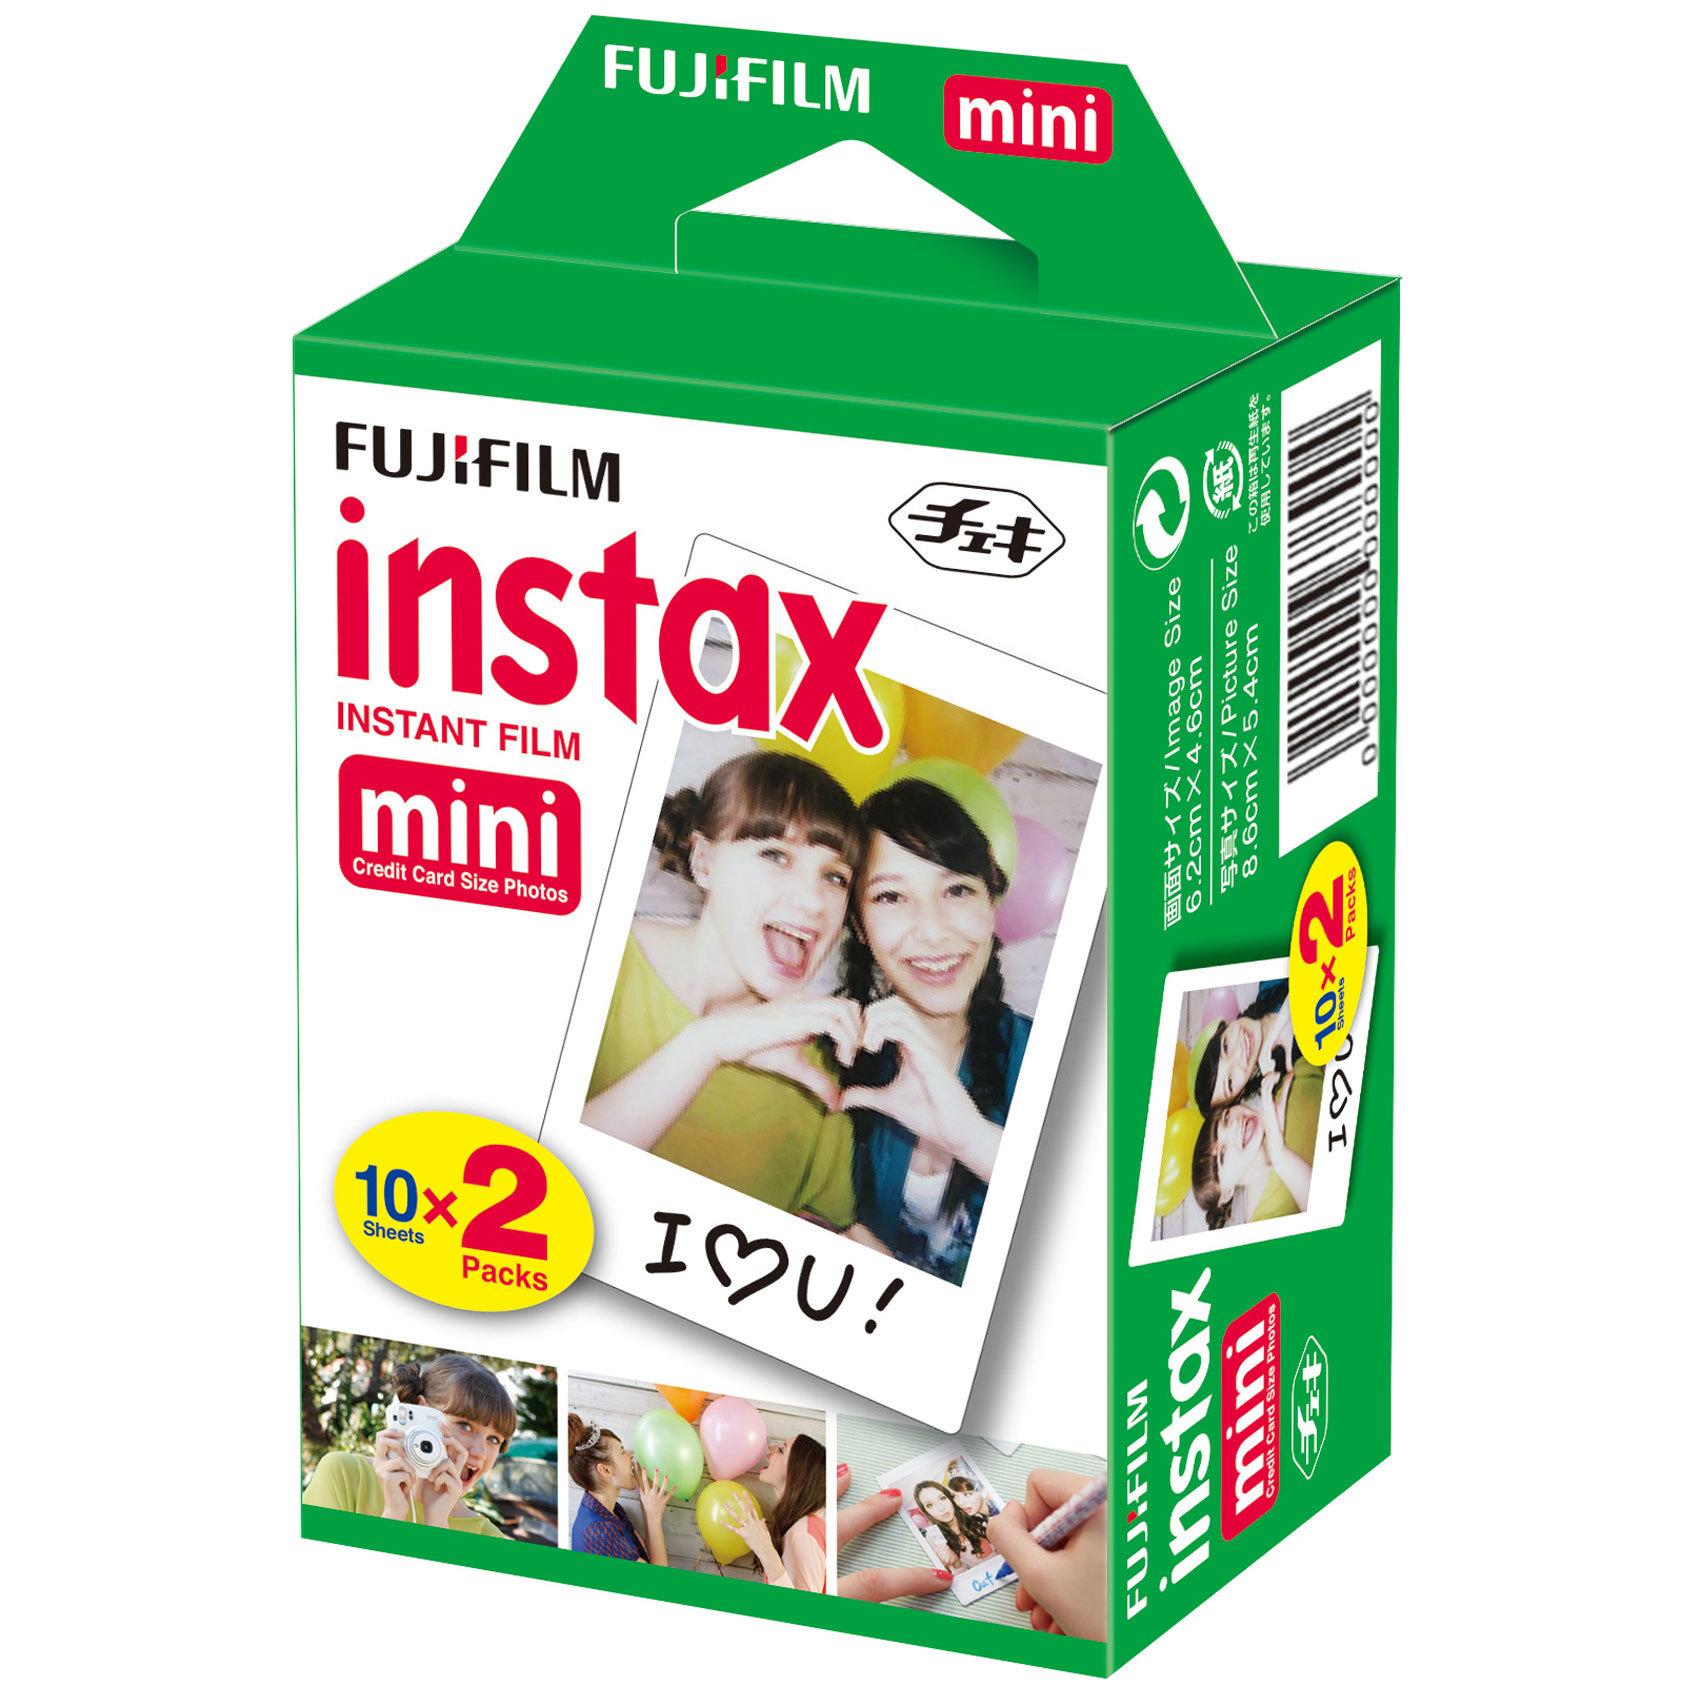 FUJIFILM - FILM INSTAX 2 PACK MINI